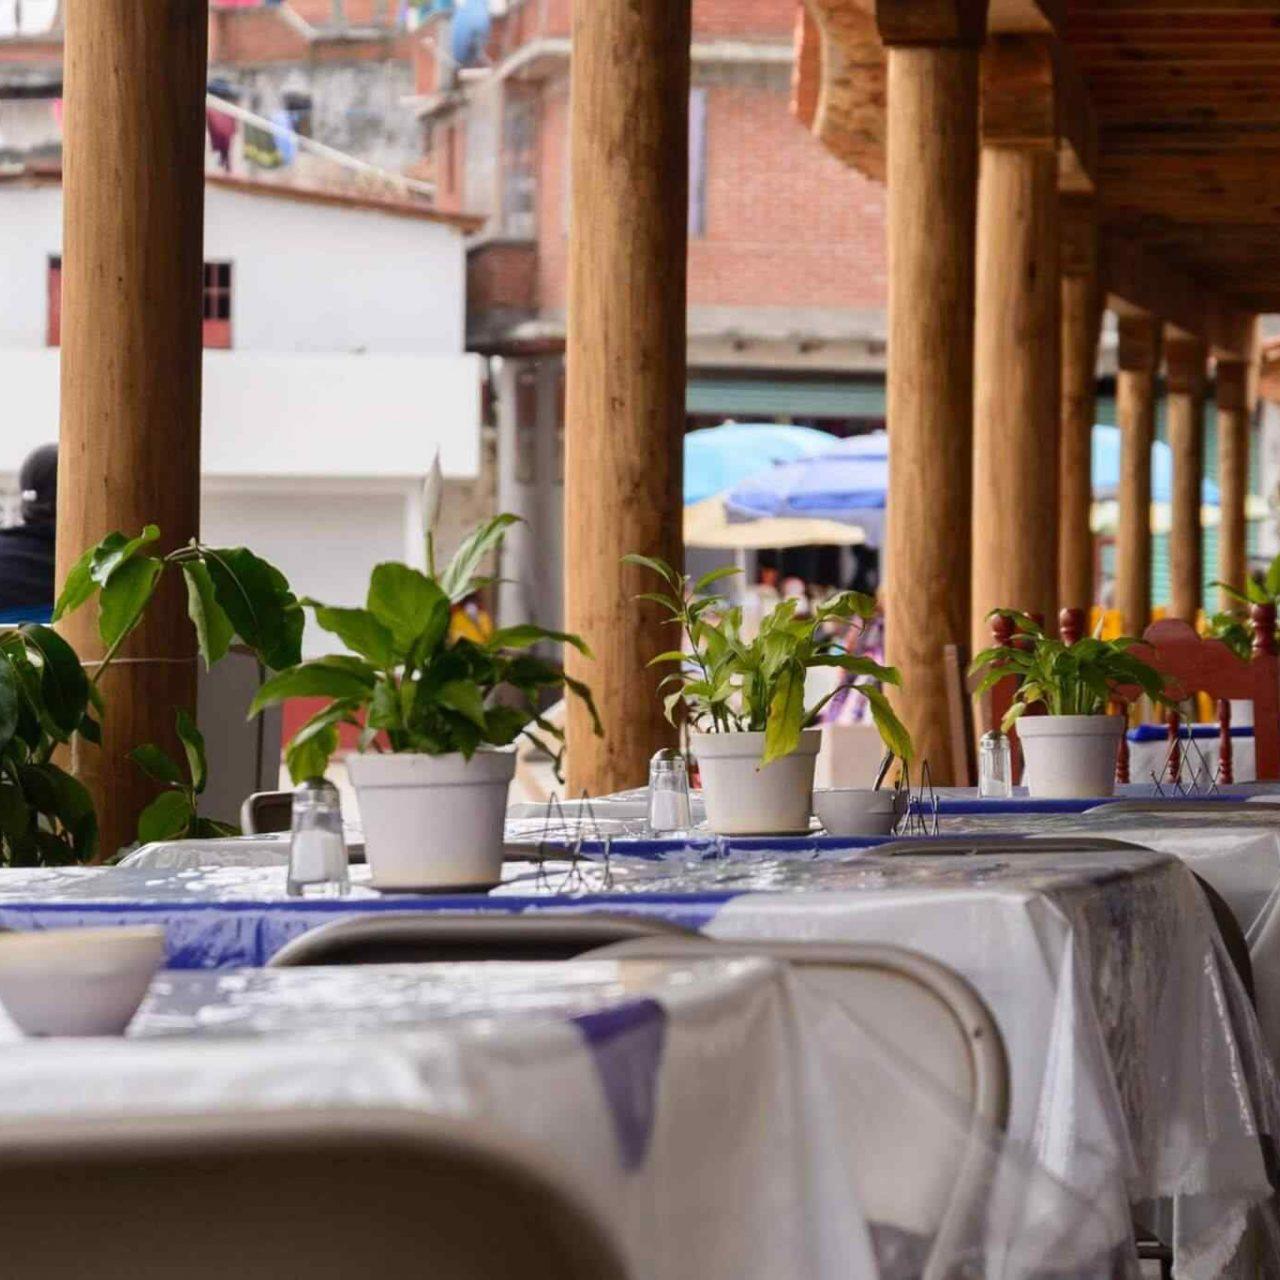 https://theglam.es/wp-content/uploads/2017/10/restaurant-mexican-17-1280x1280.jpg